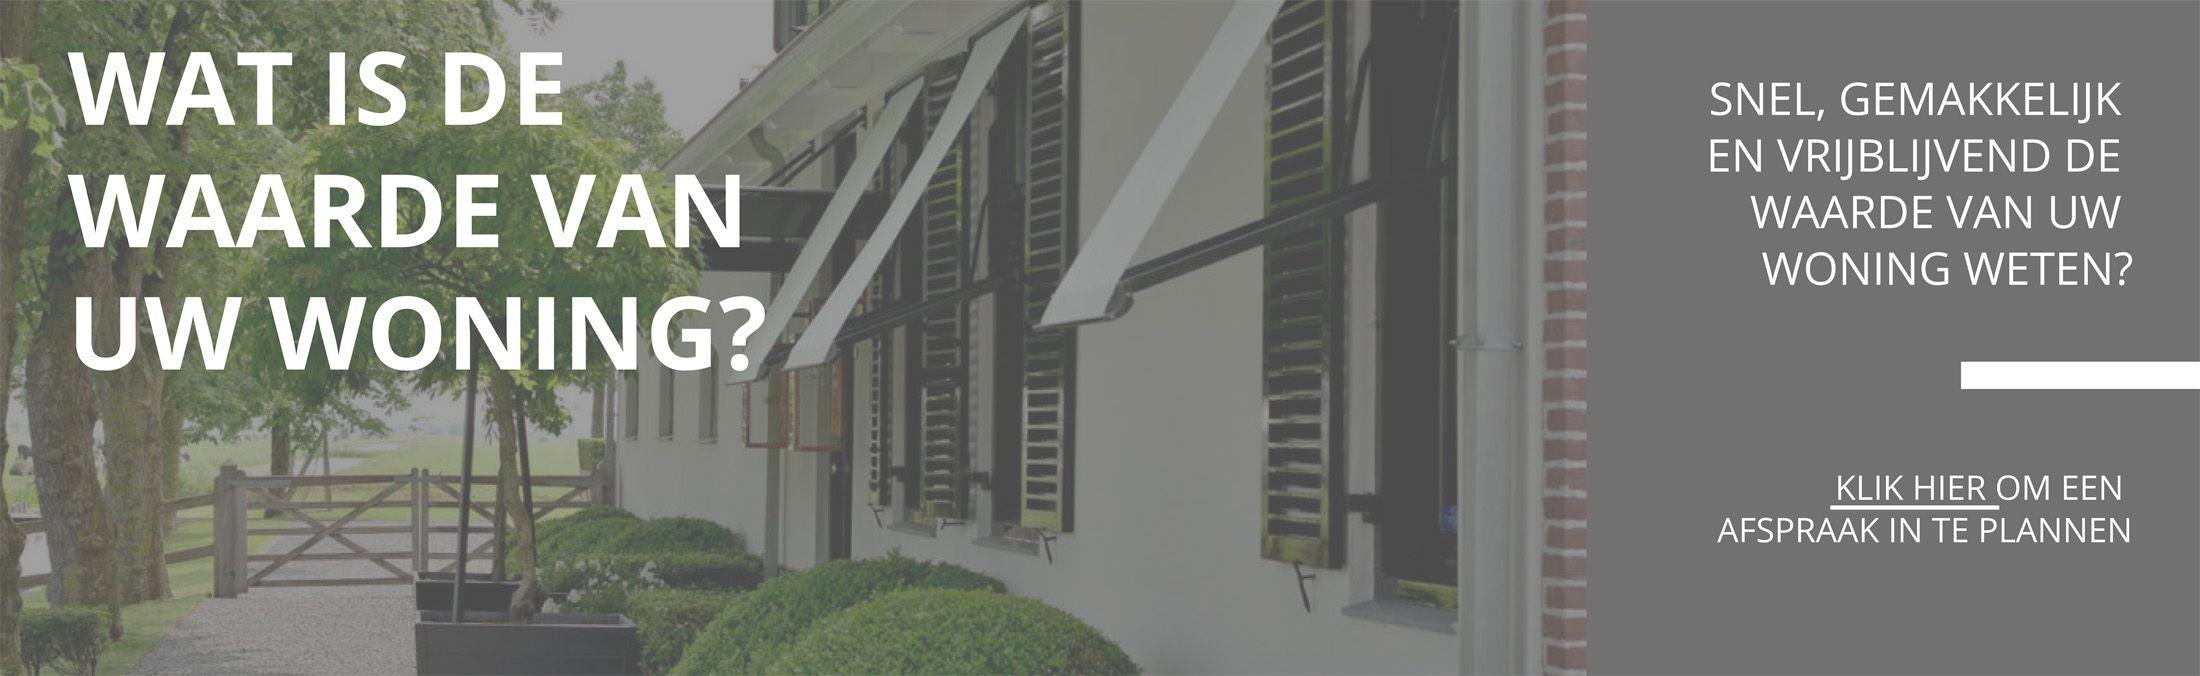 Gratis waardebepaling van woning en huis